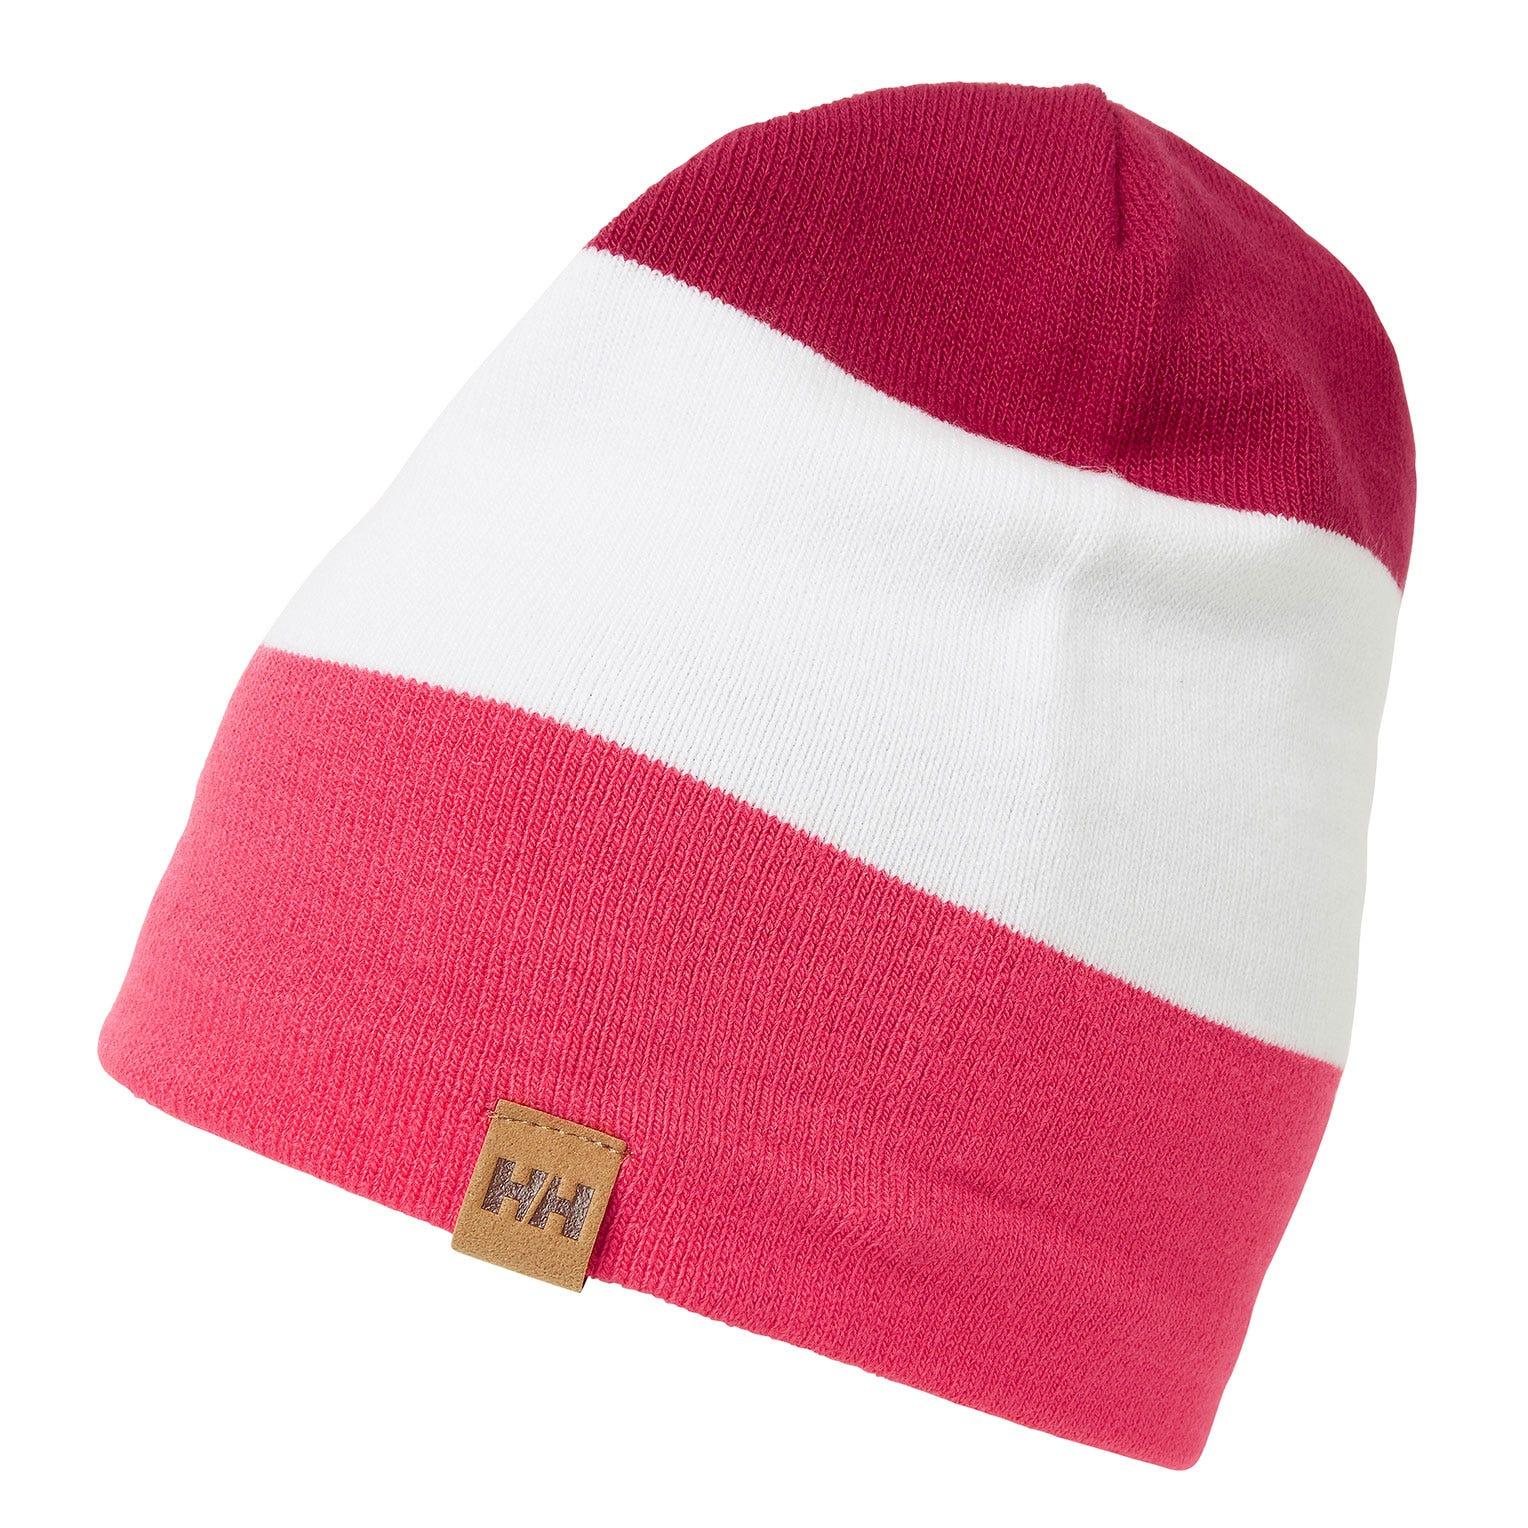 Helly Hansen Winter Lifa Beanie Pink STD